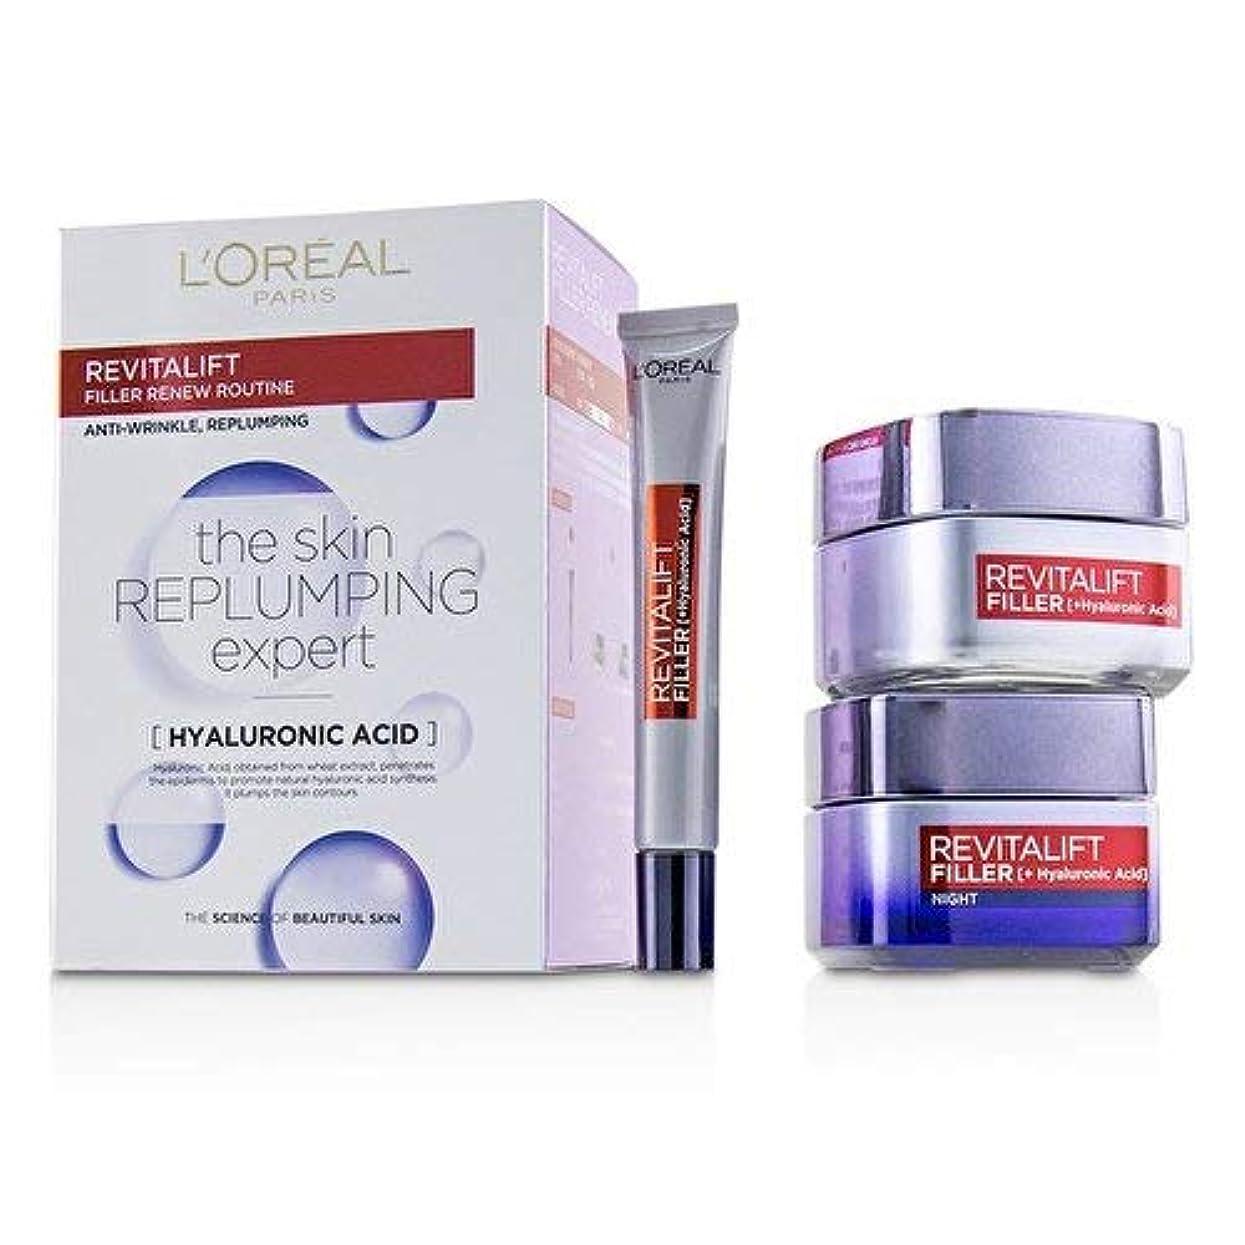 きらめき歌う見えるロレアル Revitalift Filler Renew Routine Set: Day Cream 50ml/1.7oz + Night Cream 50ml/1.7oz + Eye Cream 15 ml/0.5oz...